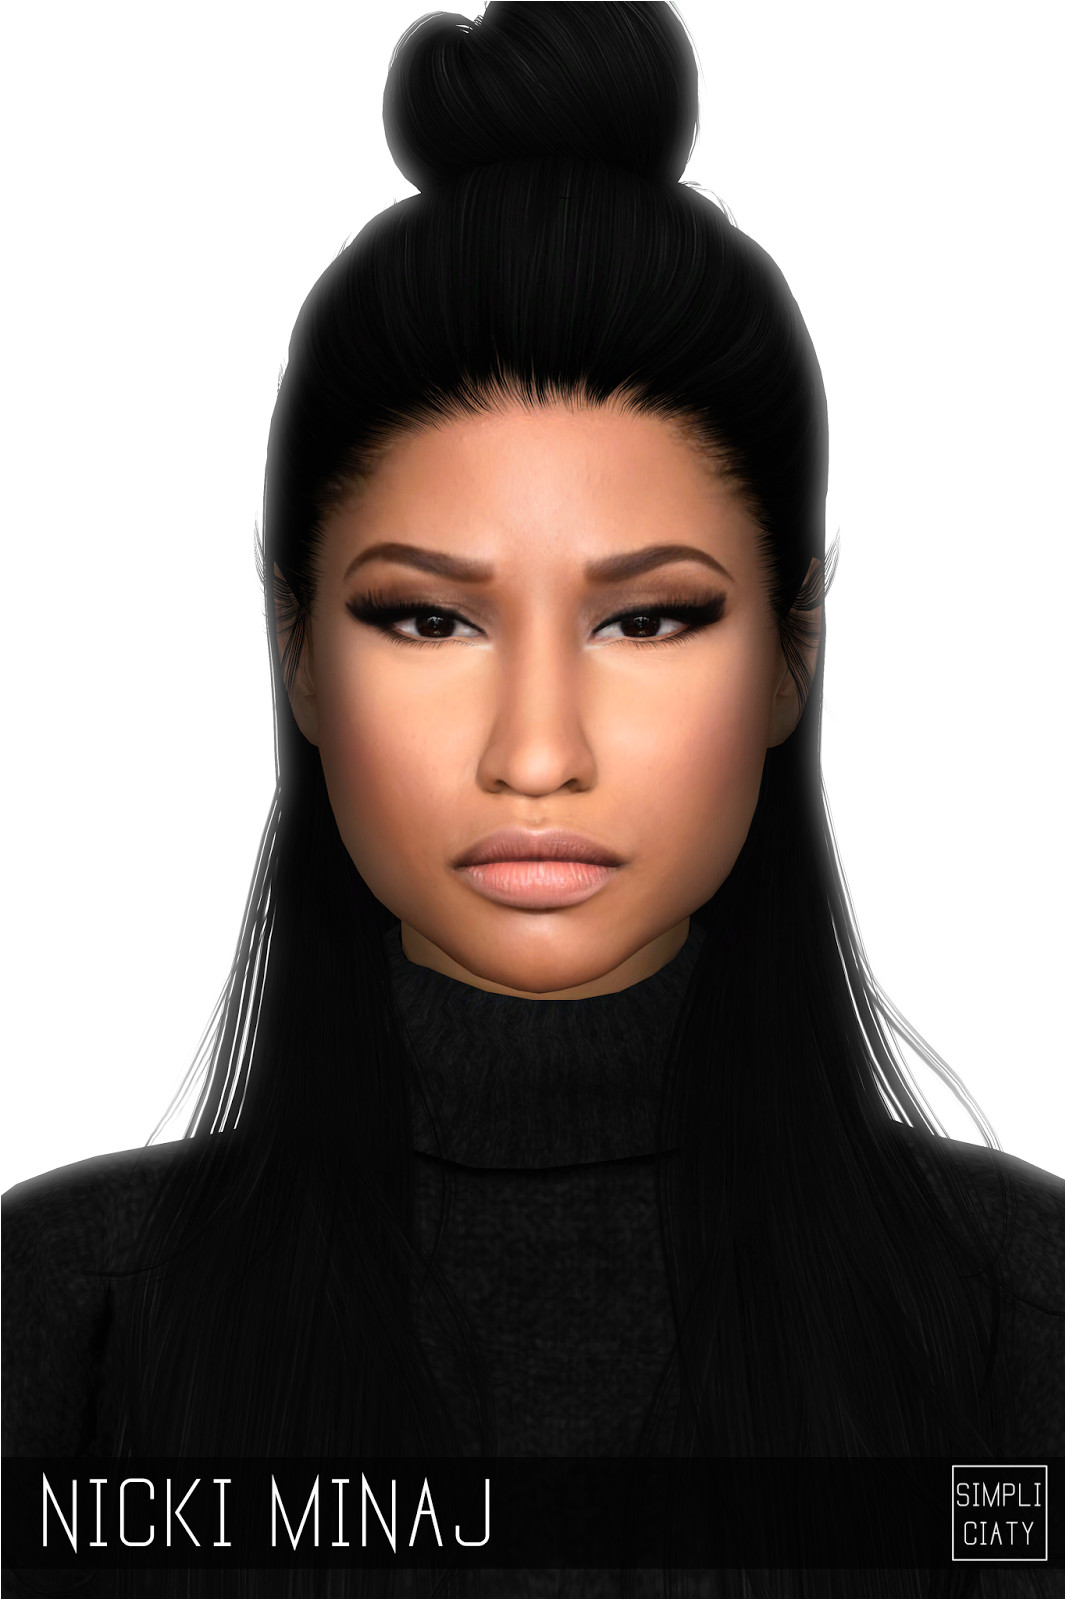 NICKI MINAJ SIM Celebrities Celebs Sims Cc Sims 4 Cas The Sims